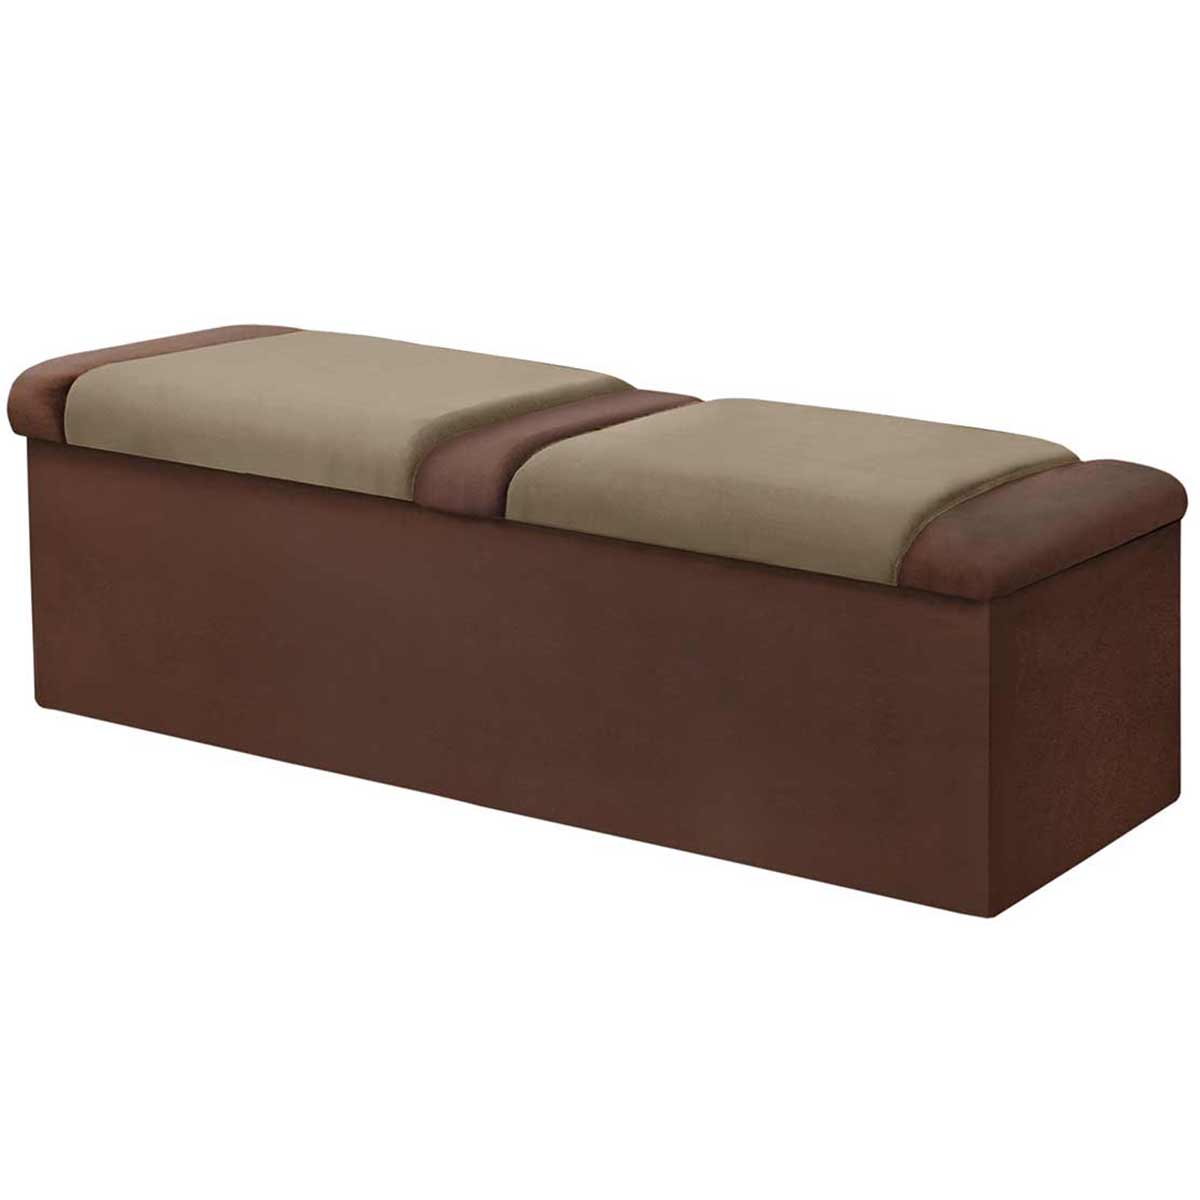 Calçadeira com Baú Duquesa 140 cm Chocolate/Taupe Simbal